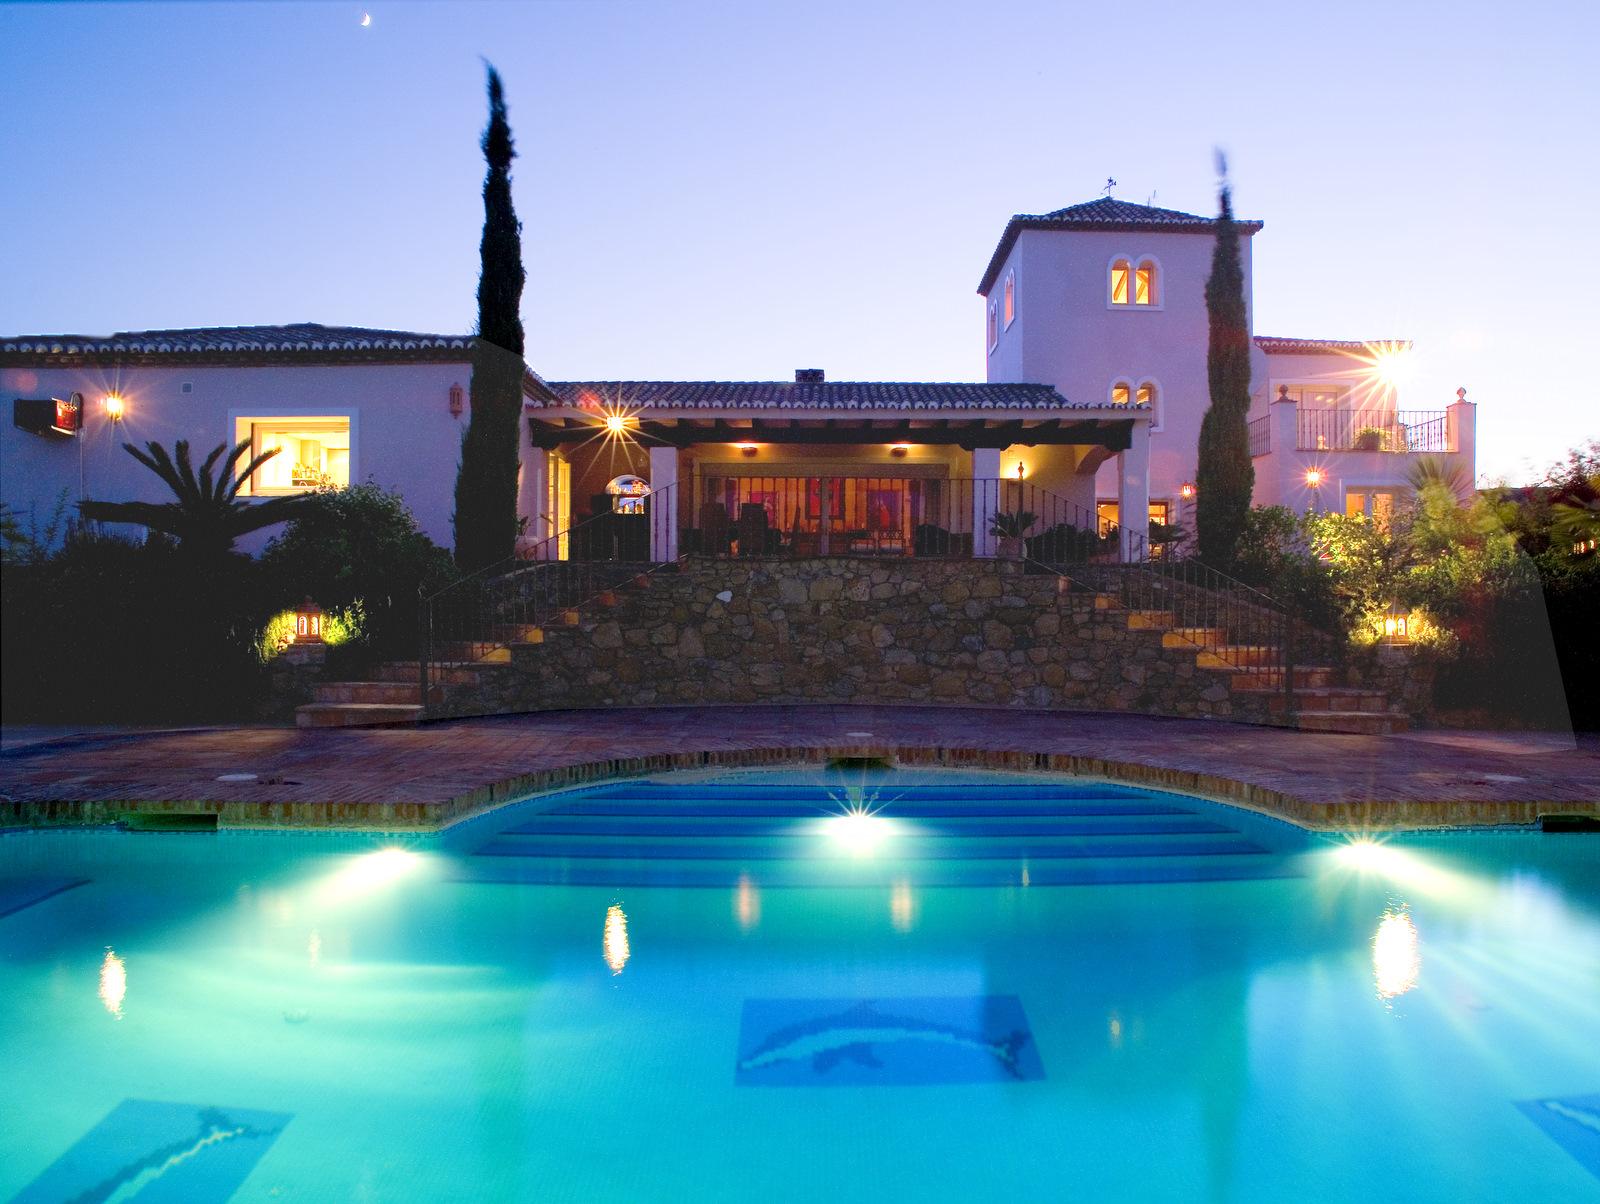 Villa en venta en Cancelada - Foto 1